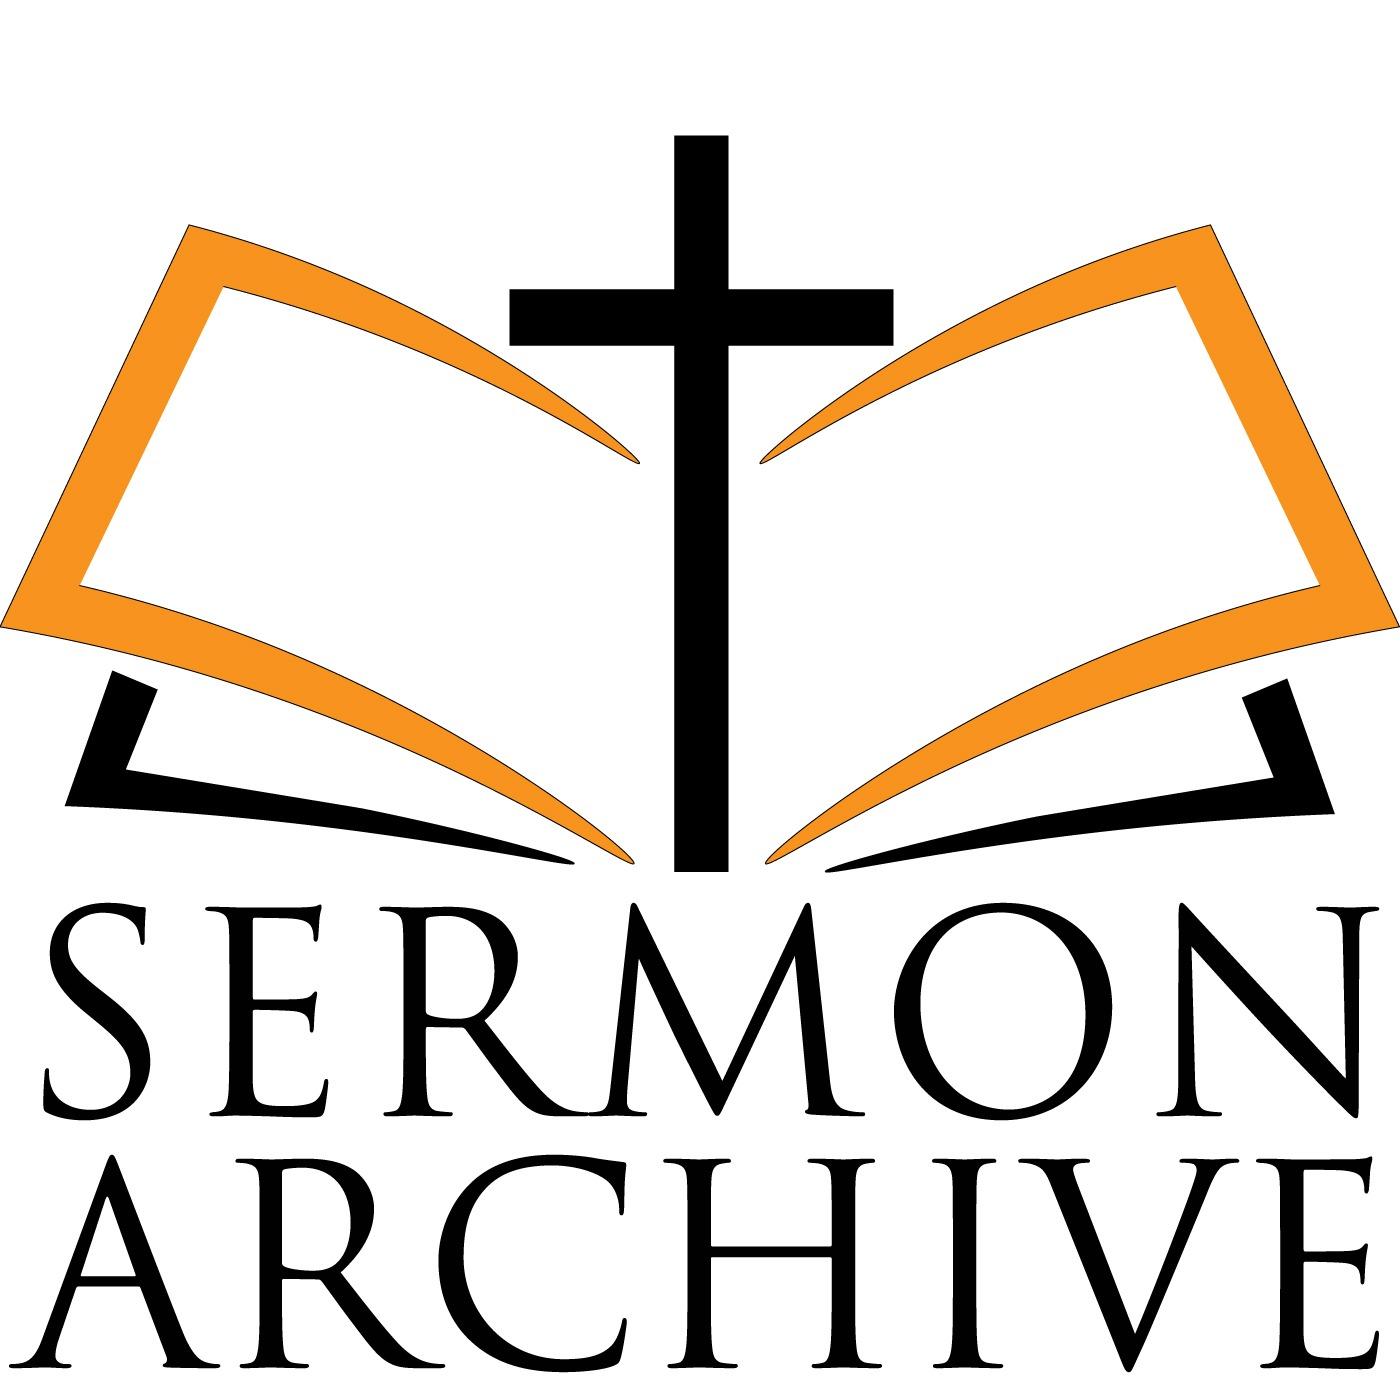 Communion Service - Dr. White - PM Jan 6 2019